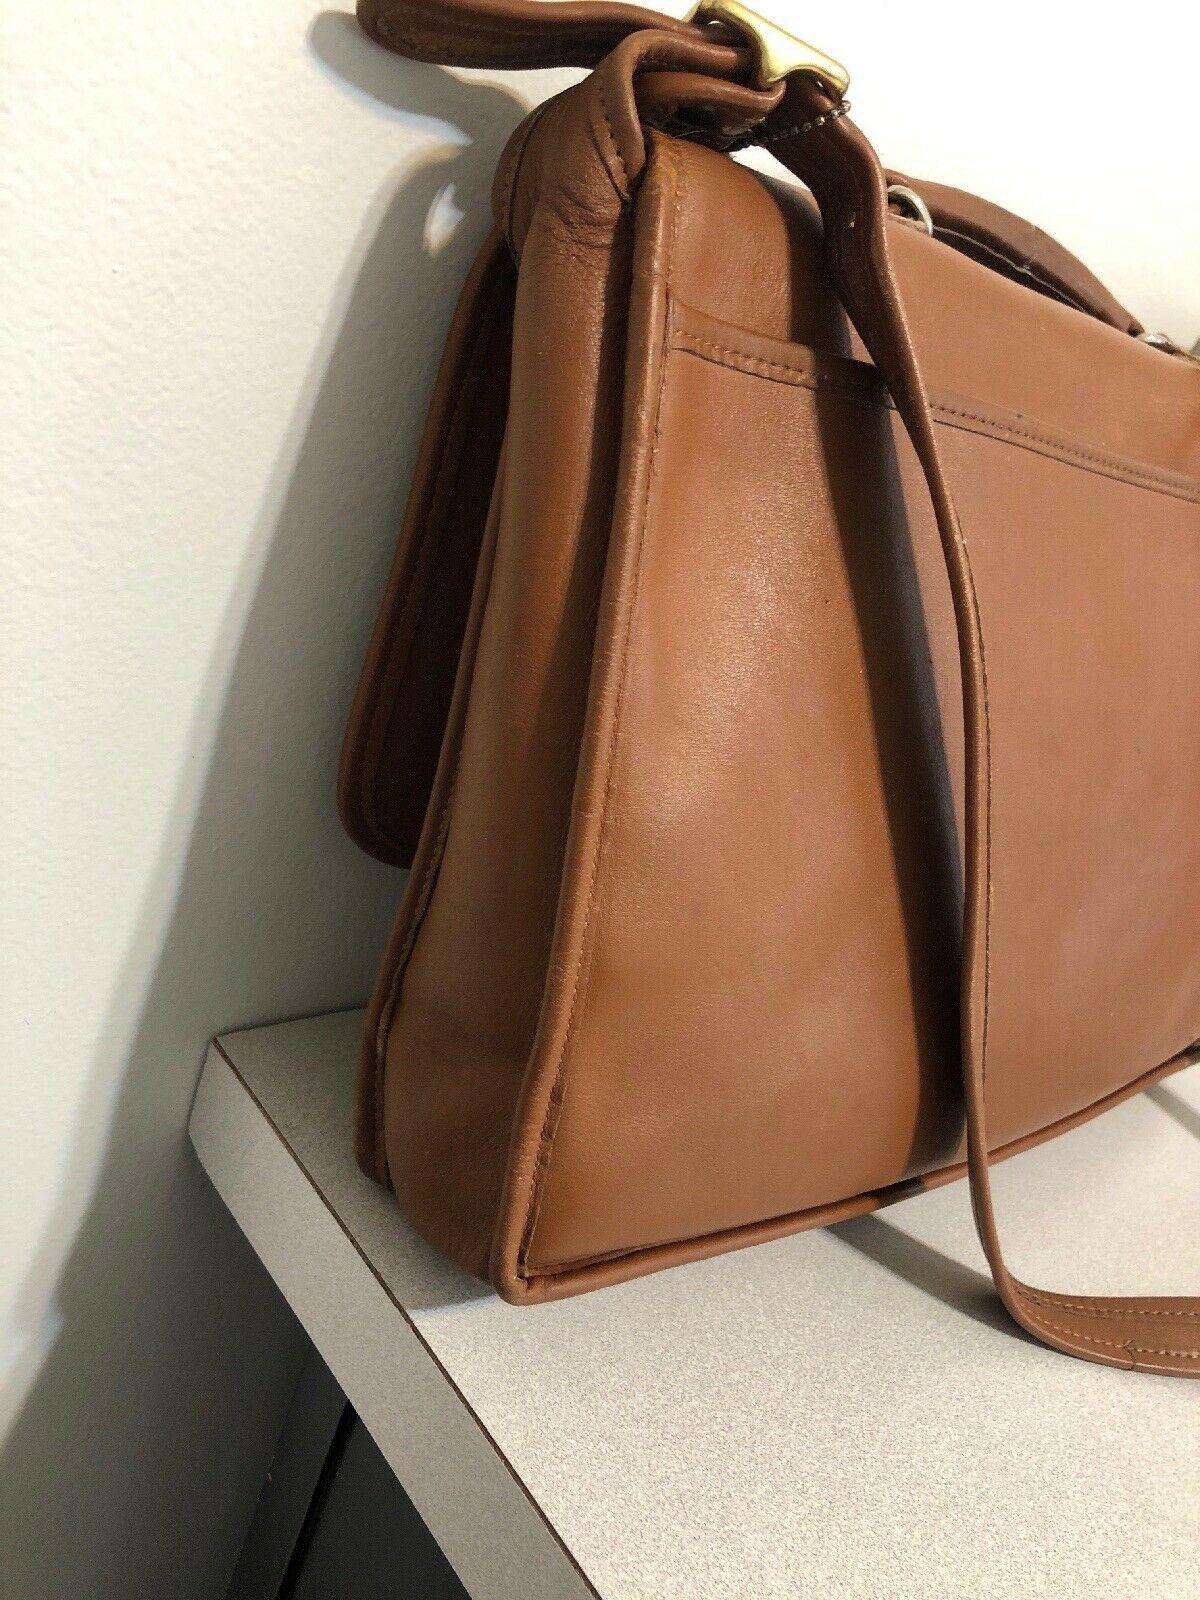 Vintage COACH L6C- 5180 Metropolitan Leather Messenger Attache Tan image 6